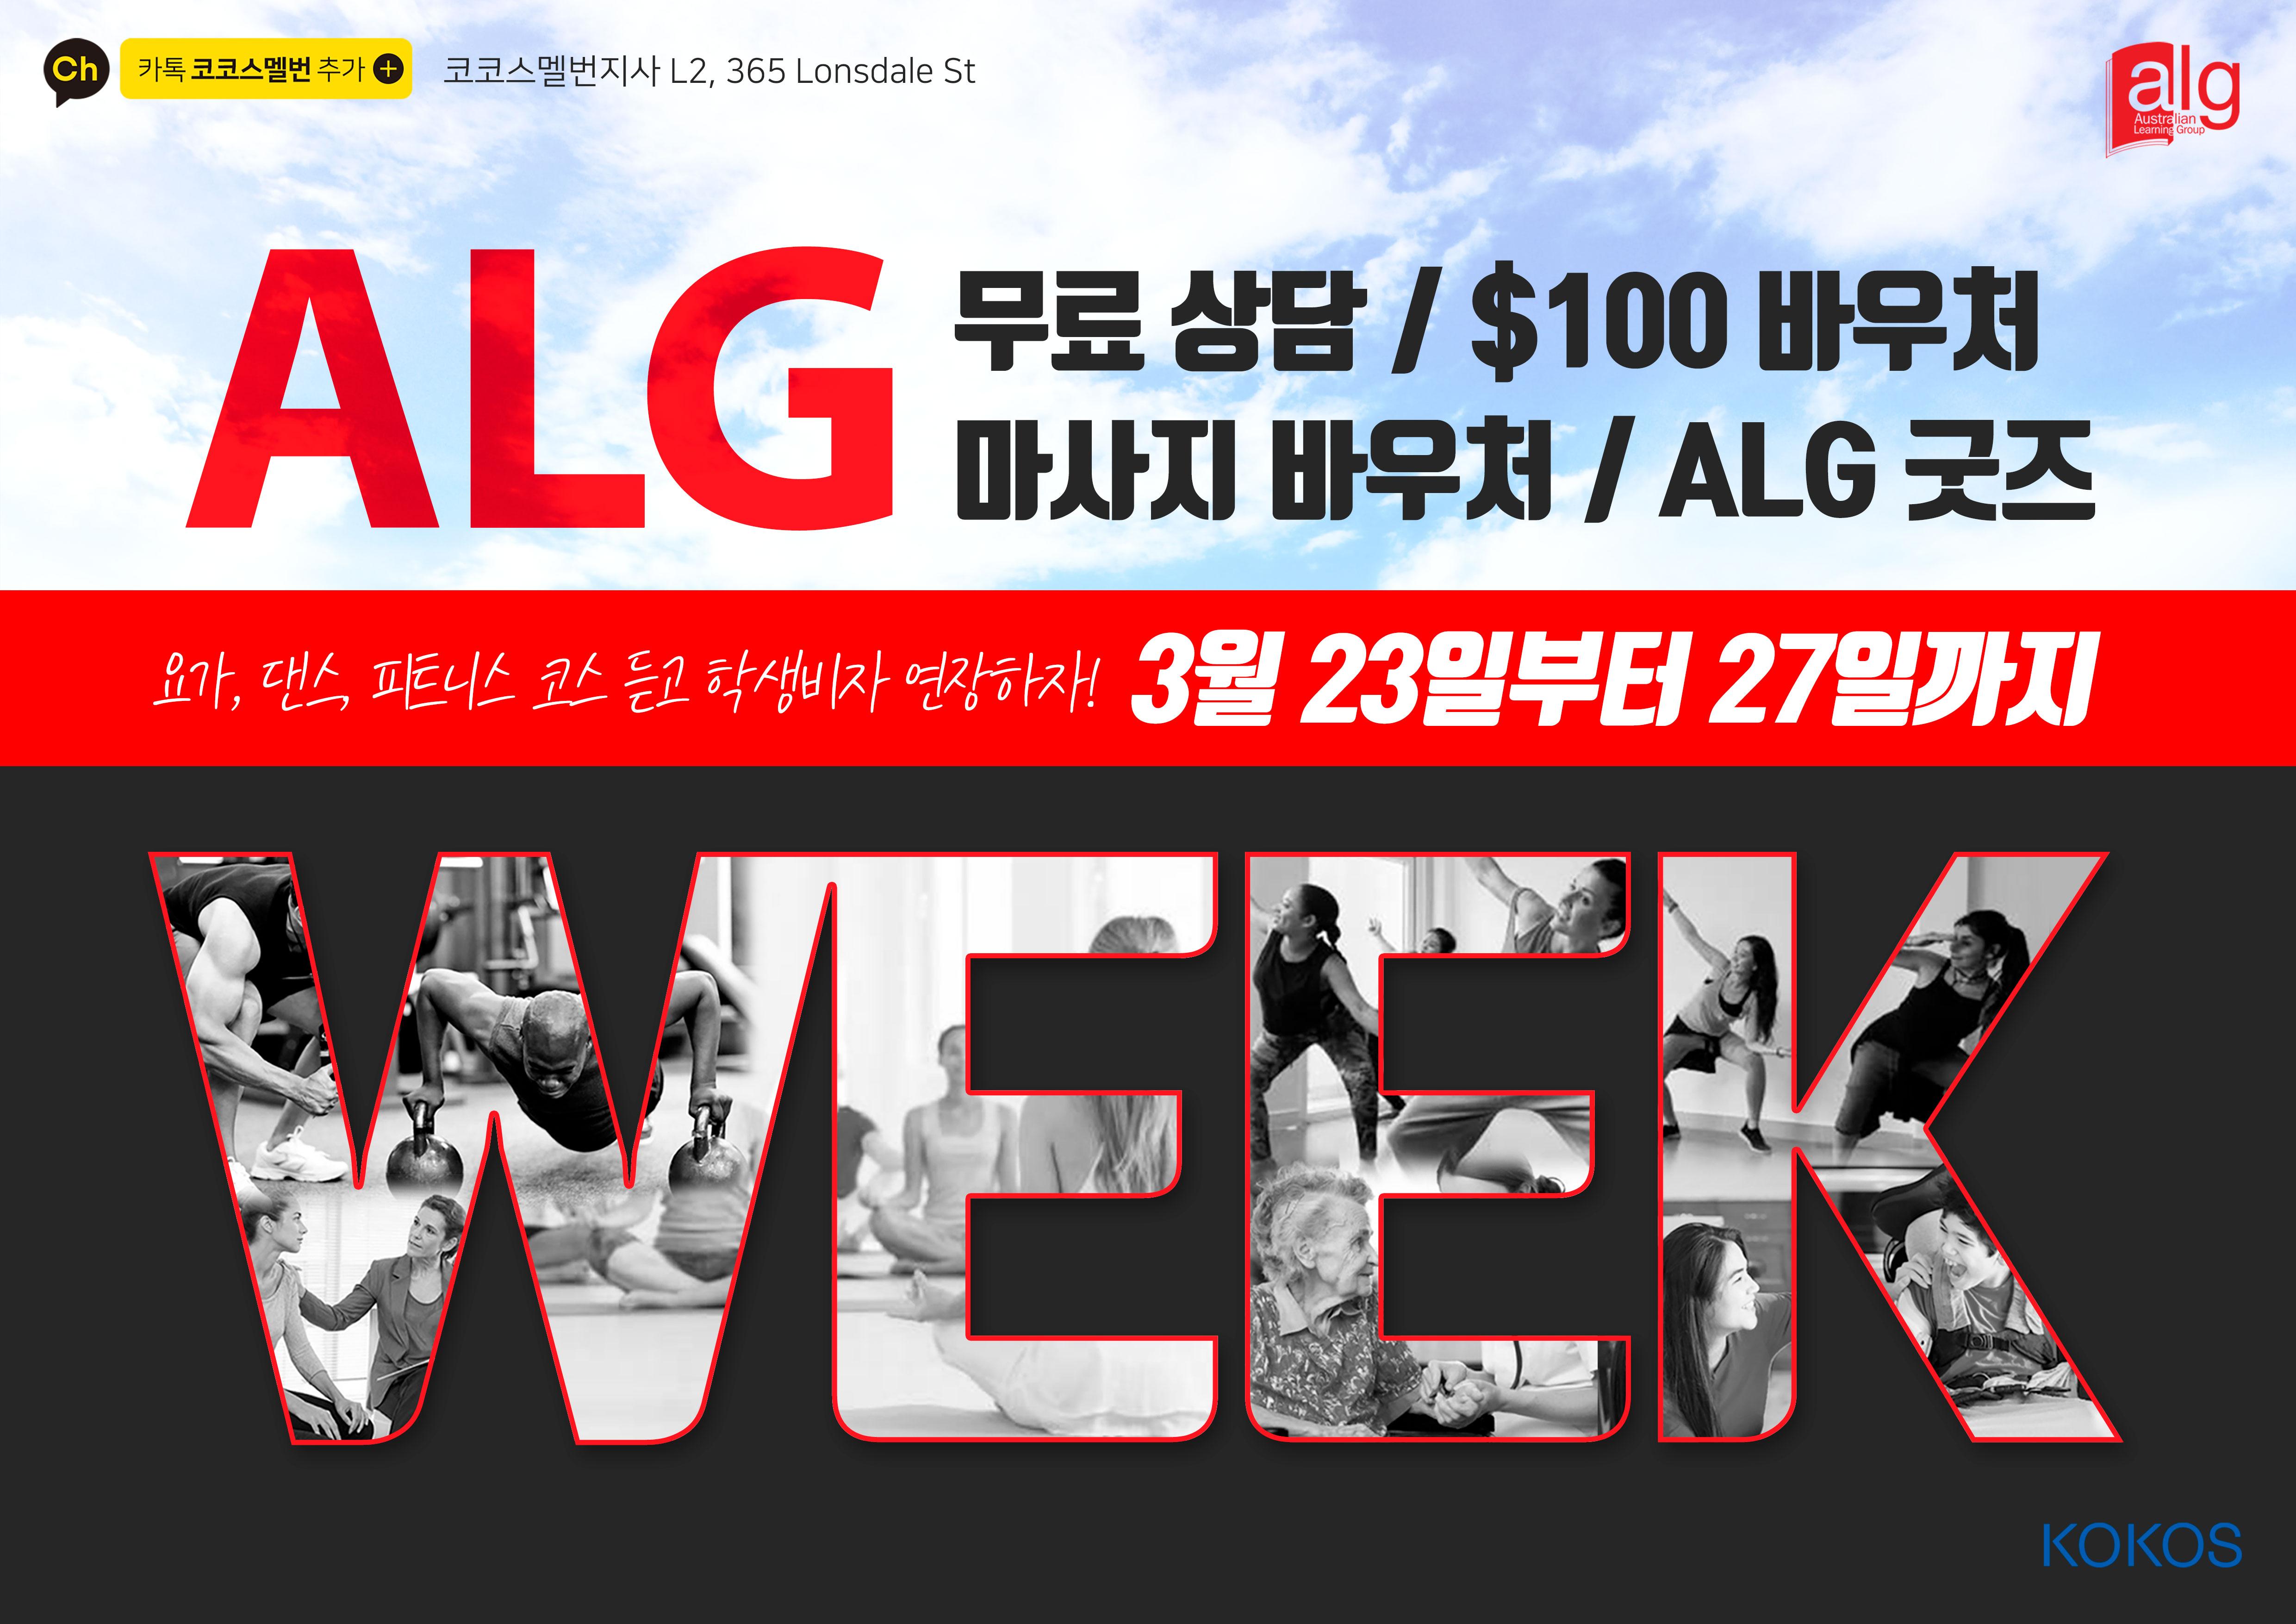 ALG Week